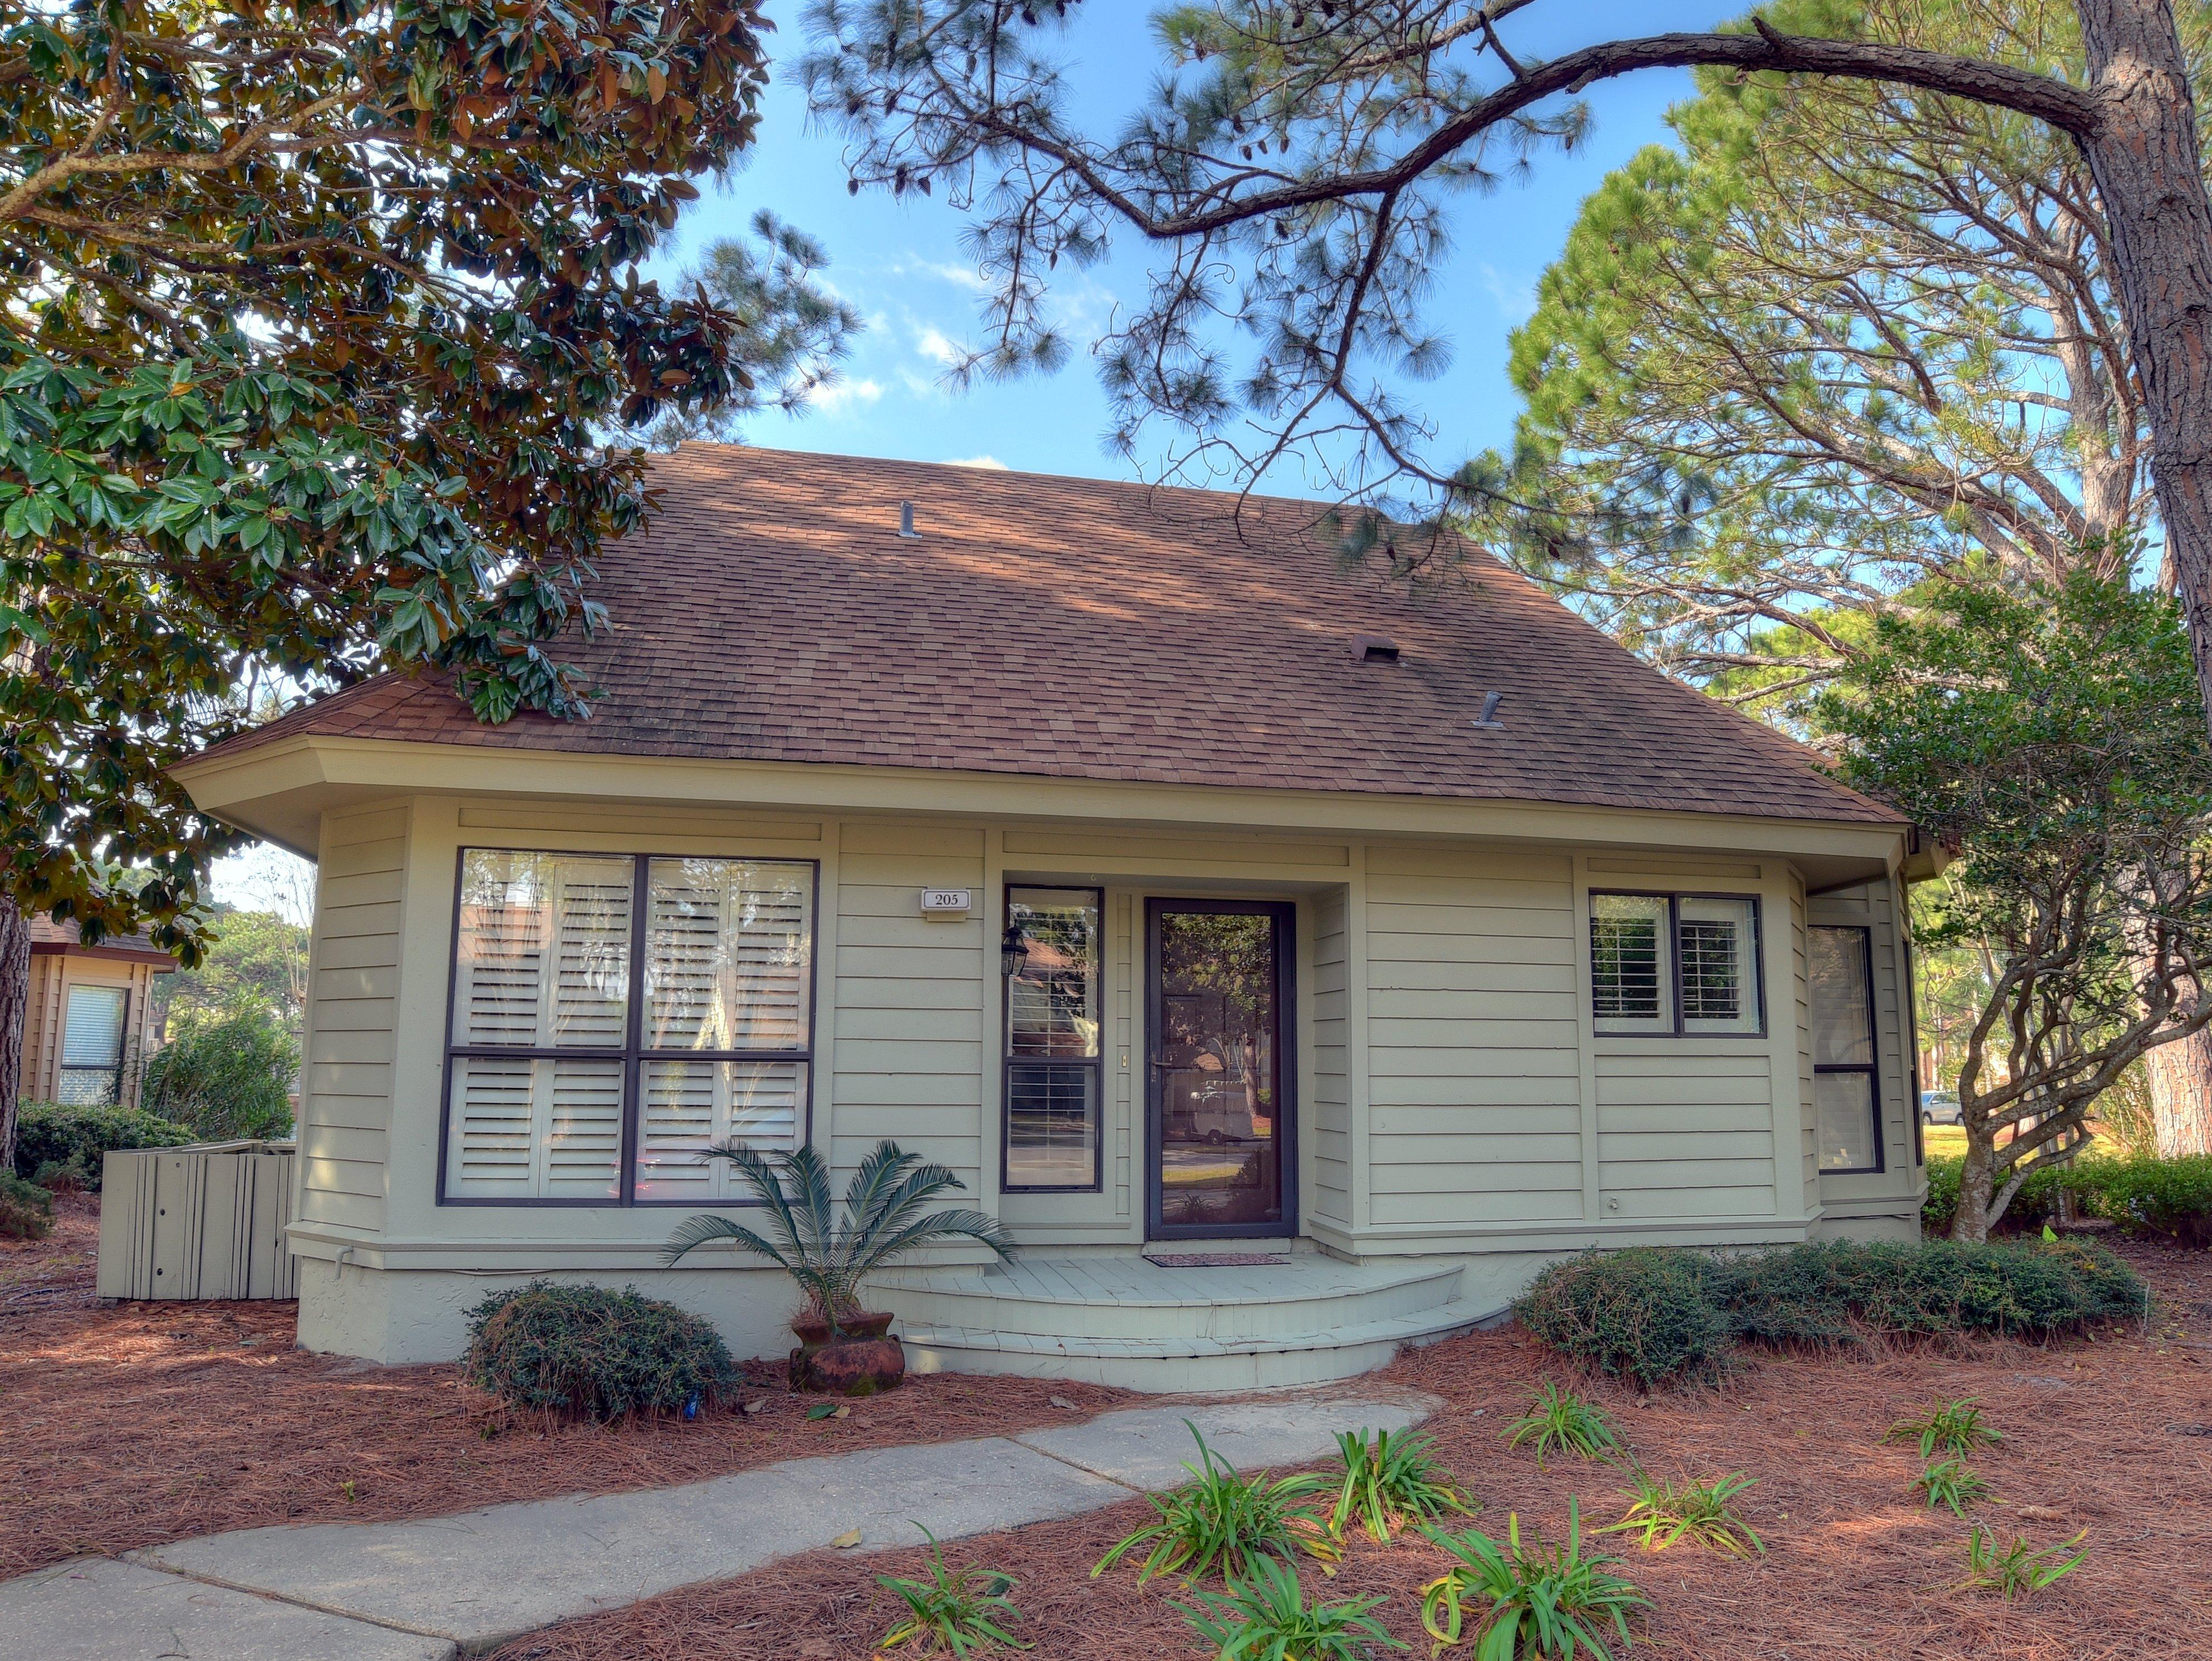 205 Fairways Condo rental in Sandestin Rentals ~ Cottages and Villas  in Destin Florida - #1